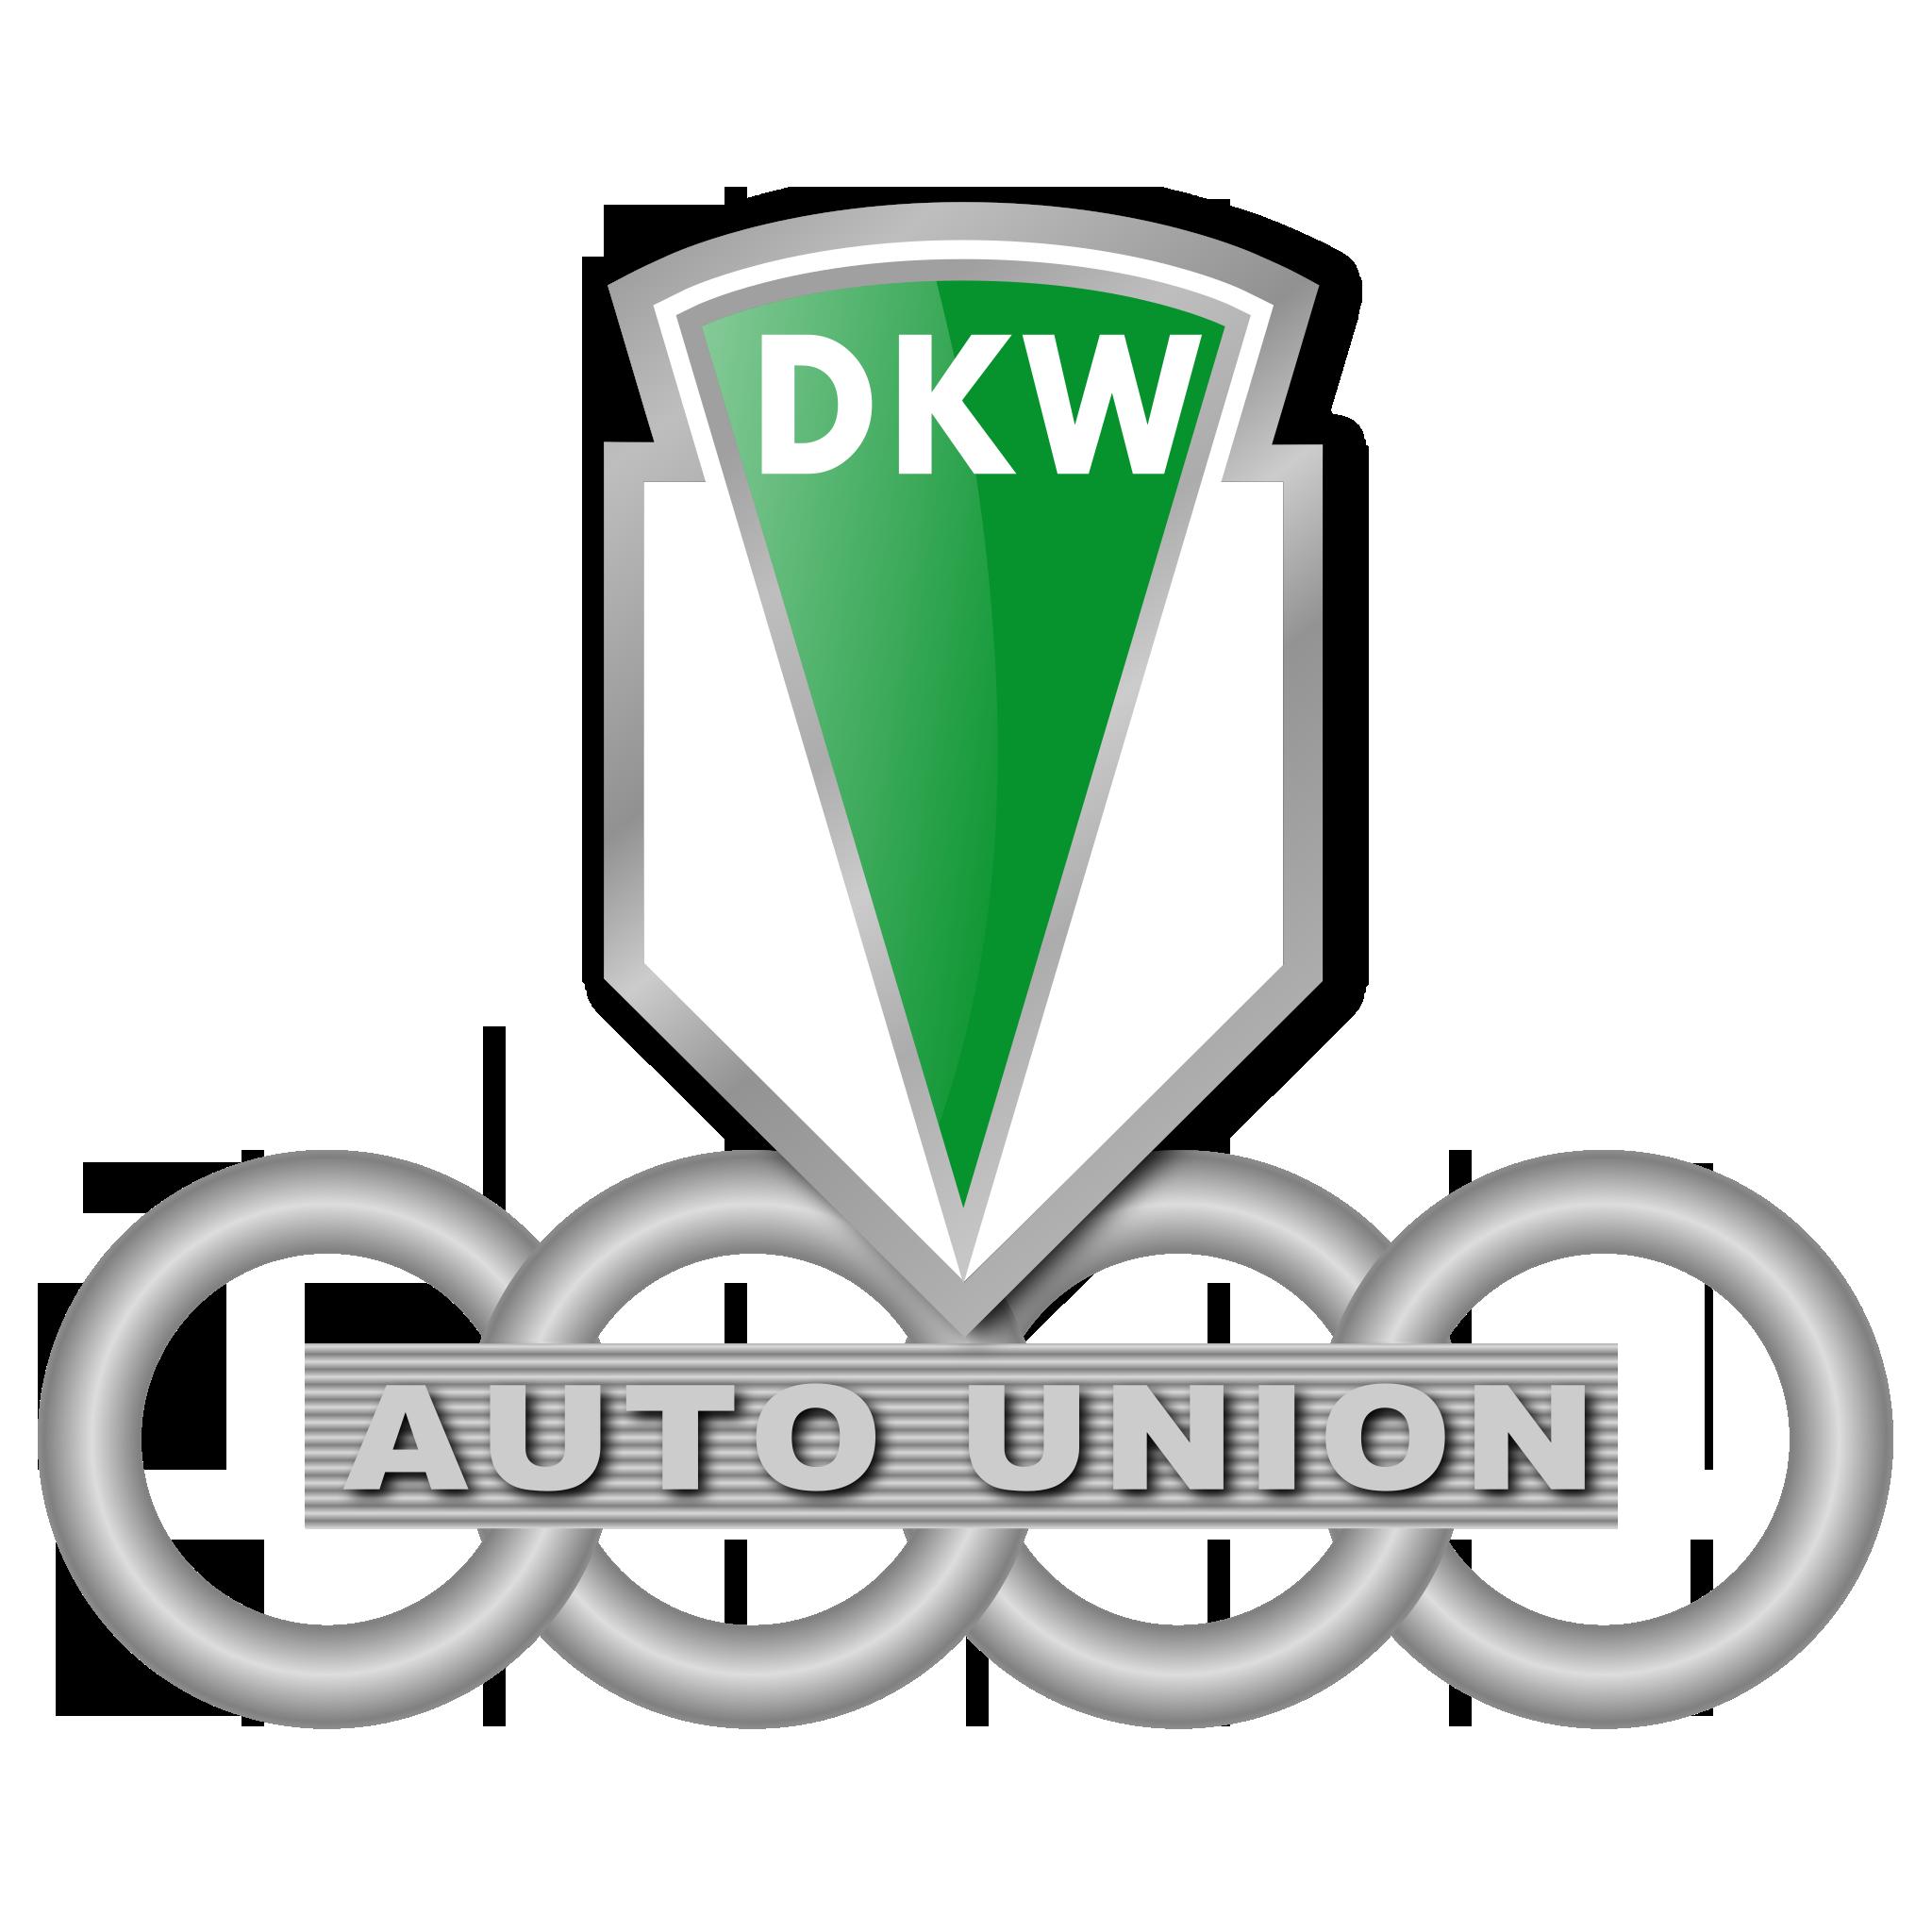 Dkw Logo Hd Png Information Carlogos Org